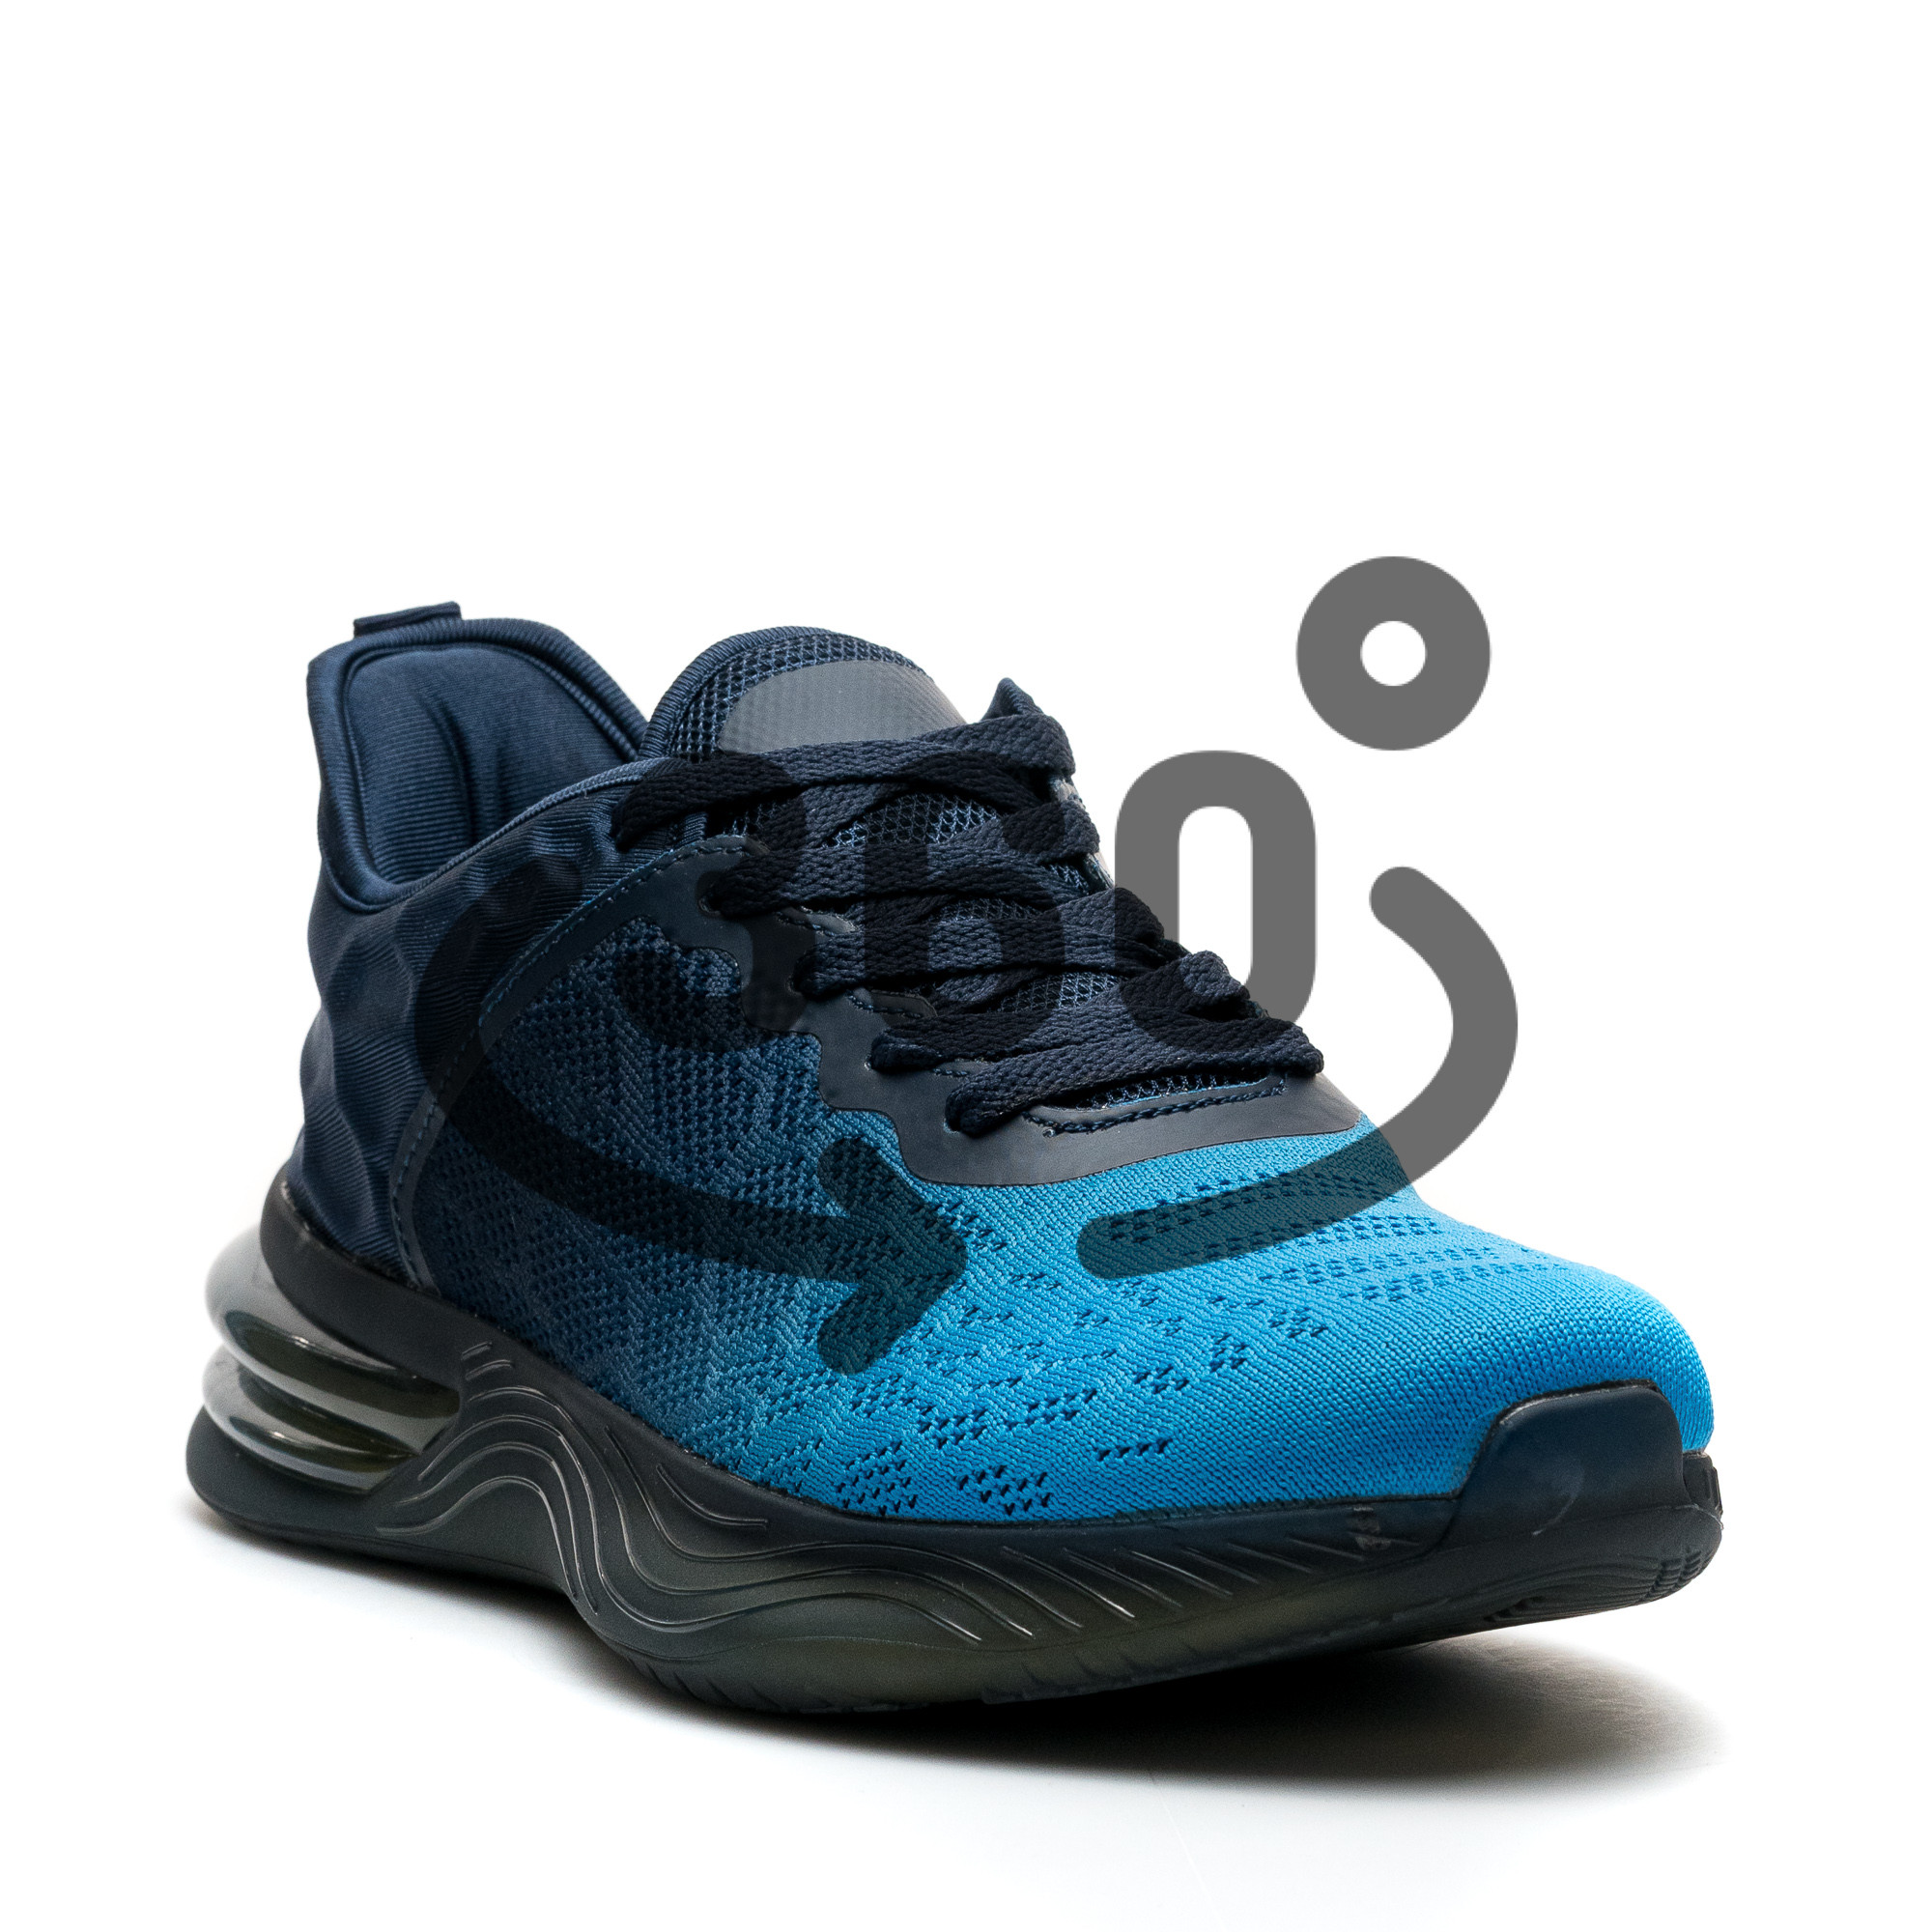 Pantofi Sport Cod: U0539-3 BLUE/NAVY (E011)